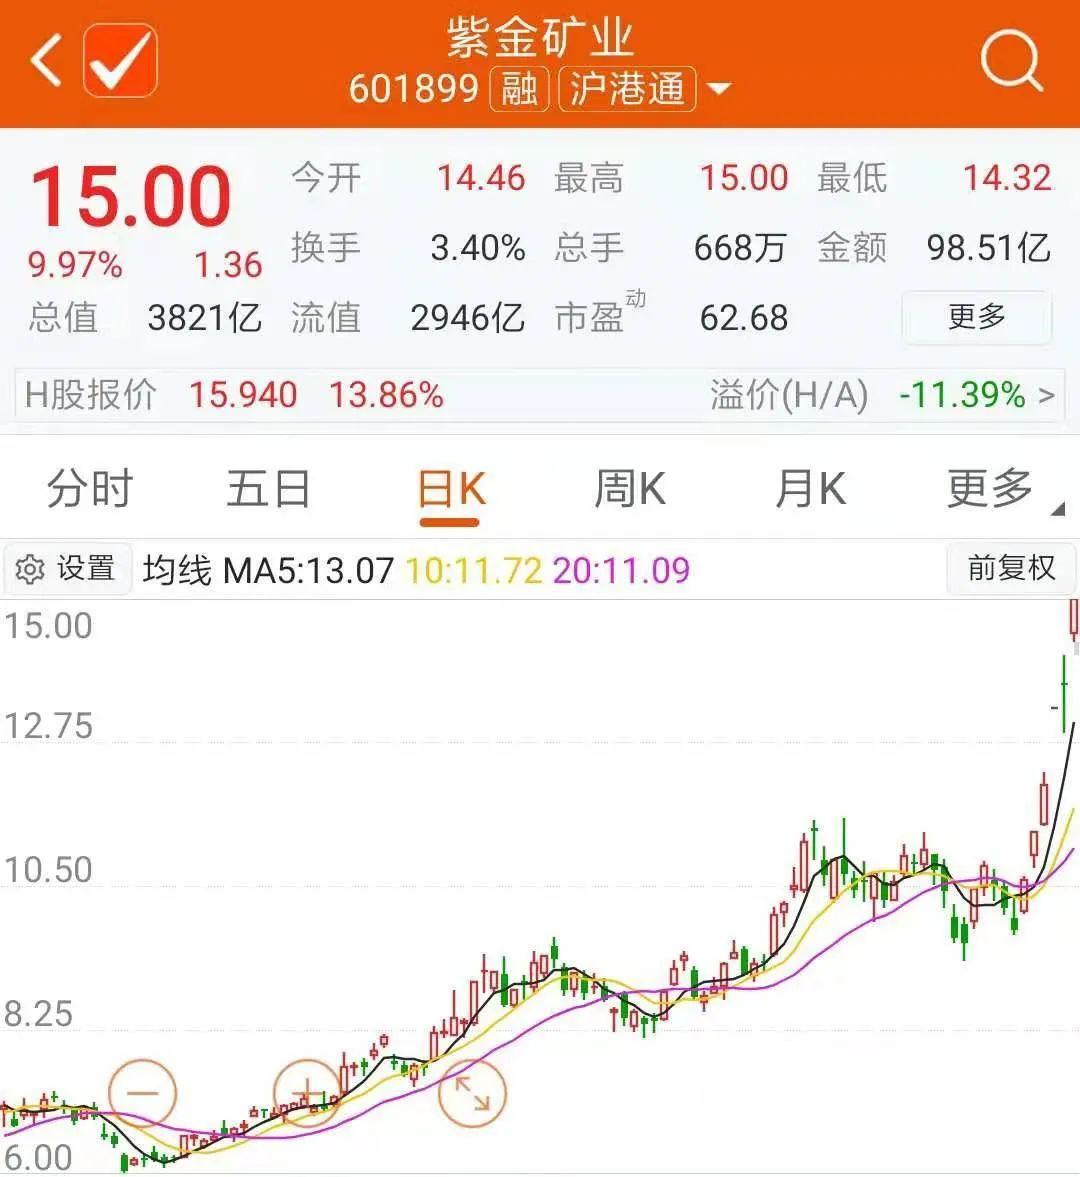 紫金陈笑了!邓晓峰和董承非也双双赚了近70亿元